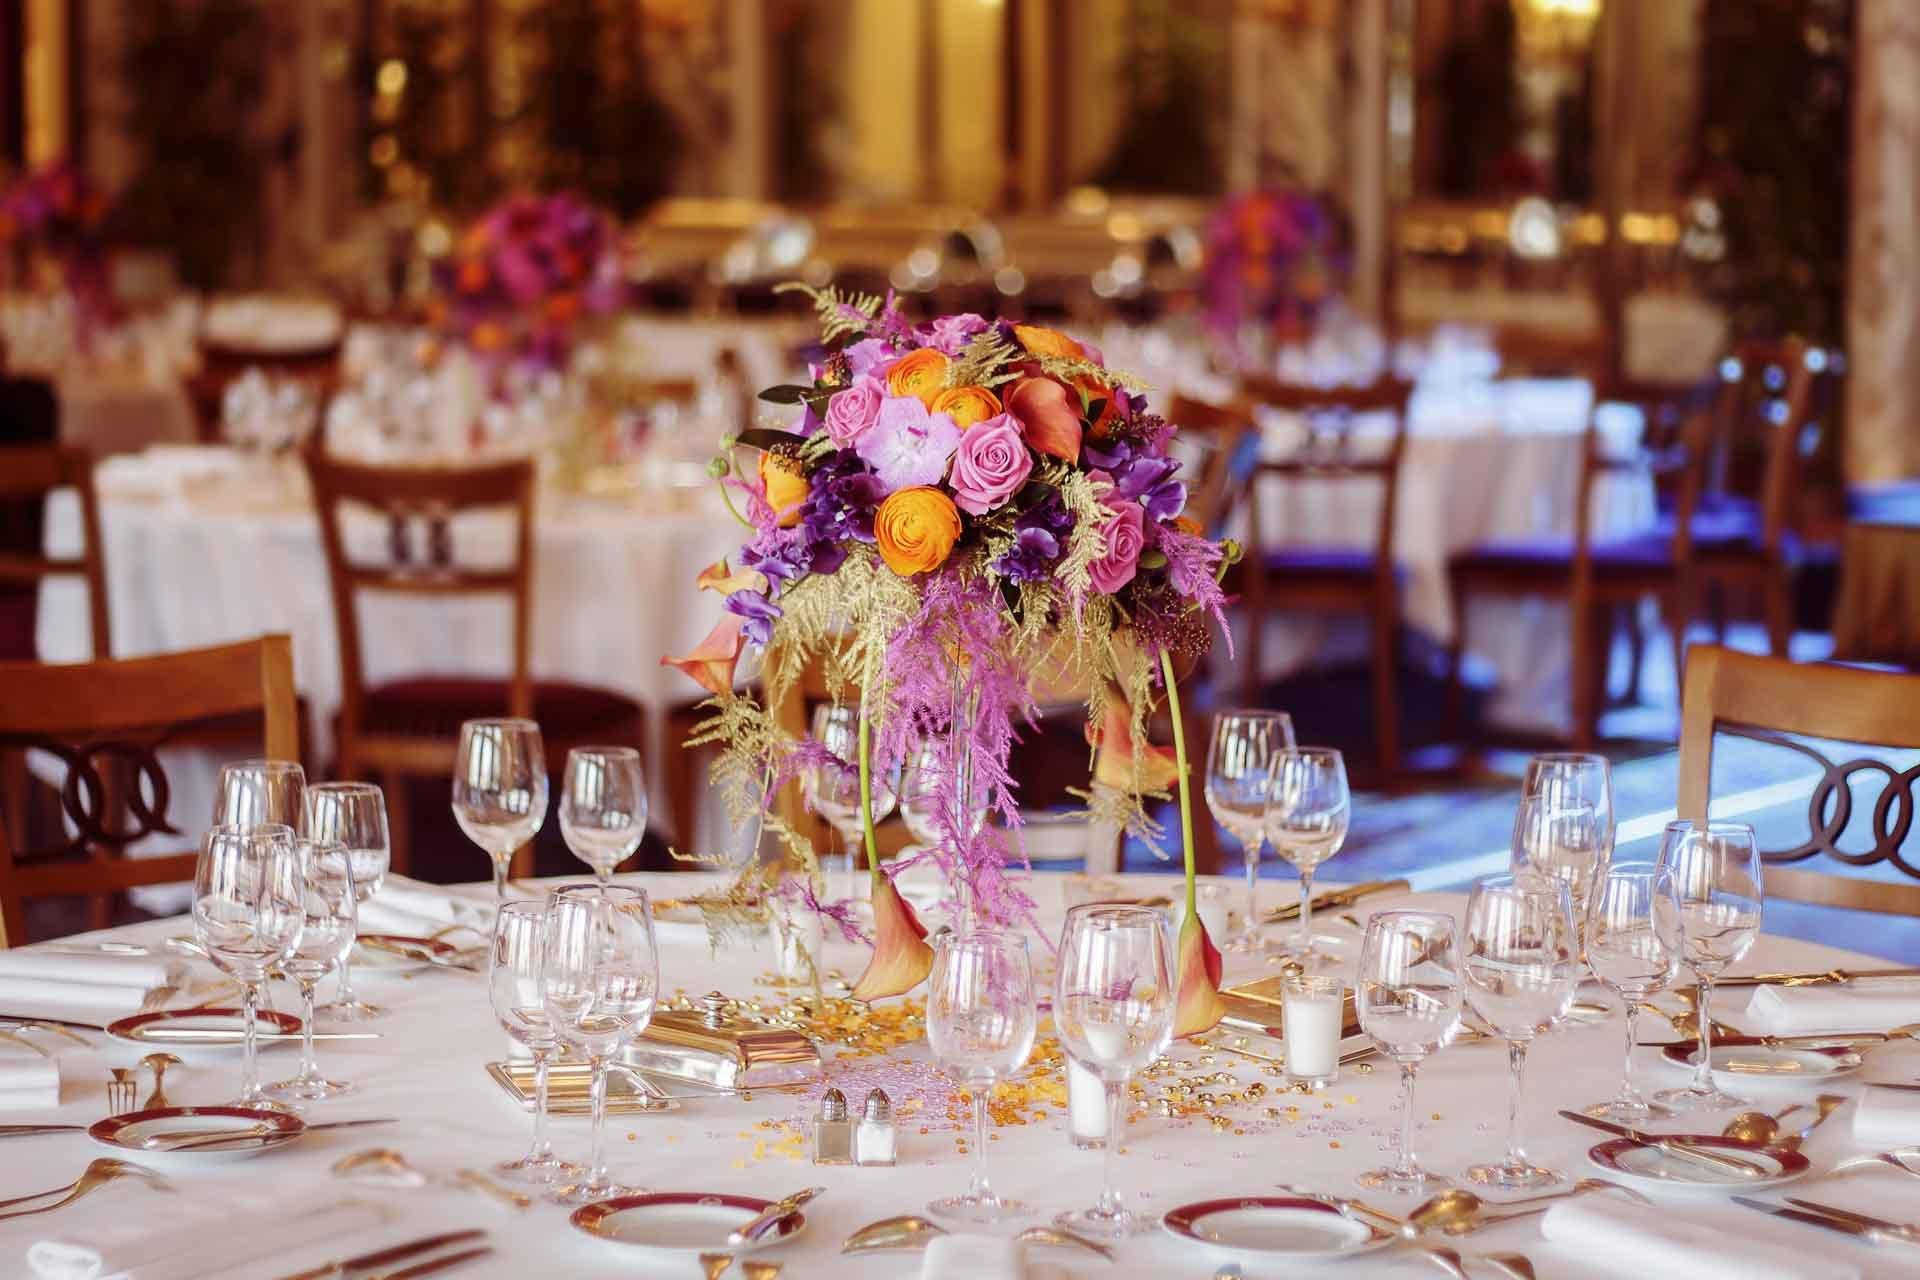 Un centre de table richement décoré